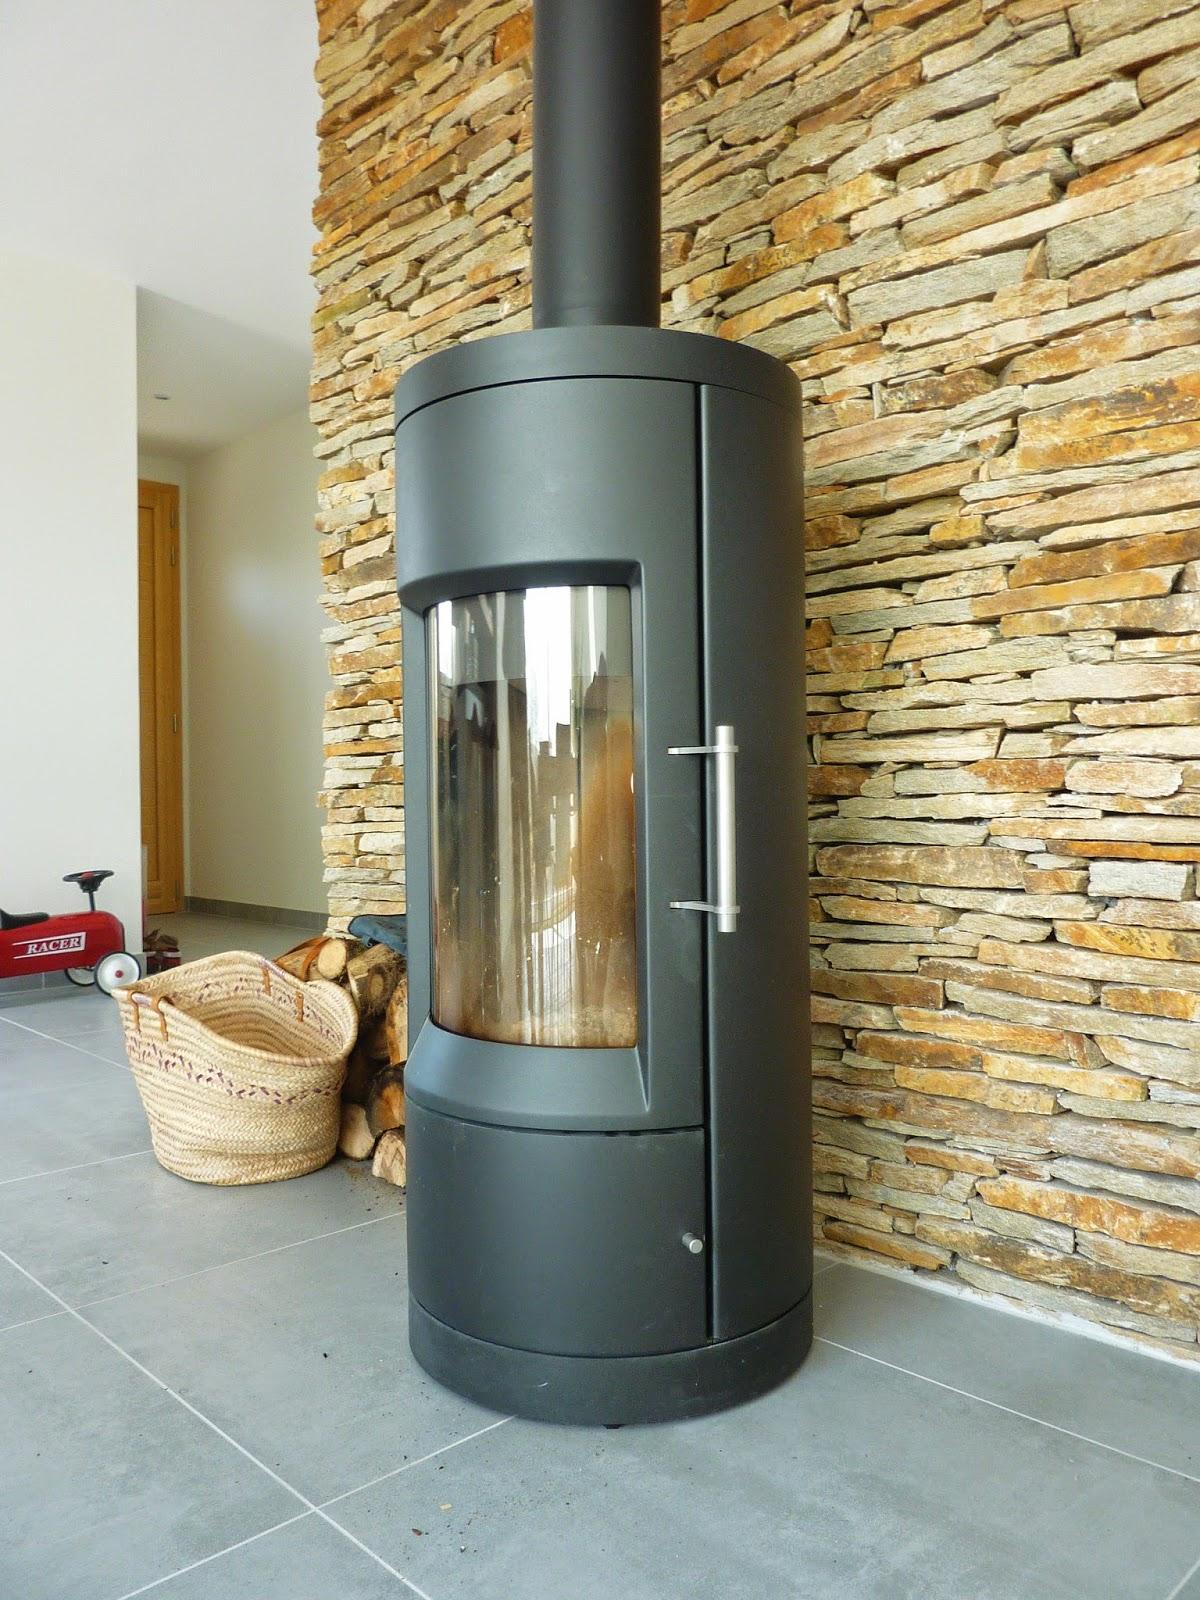 construction bioclimatique autonome vers la construction. Black Bedroom Furniture Sets. Home Design Ideas